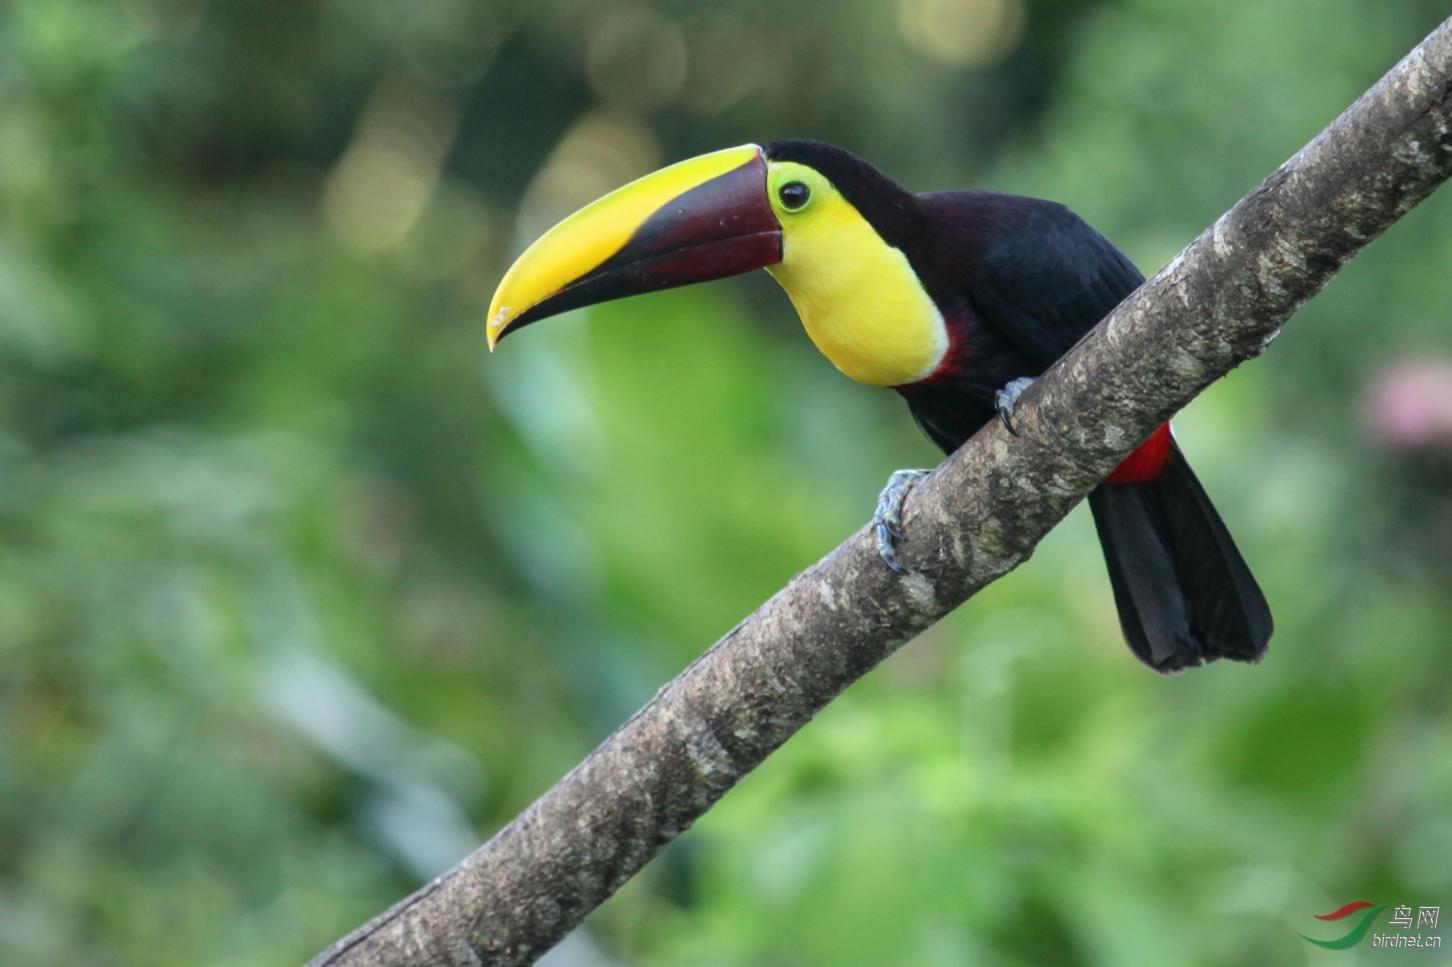 16天哥斯达黎加拍鸟团_页面_04_图像_0001.jpg